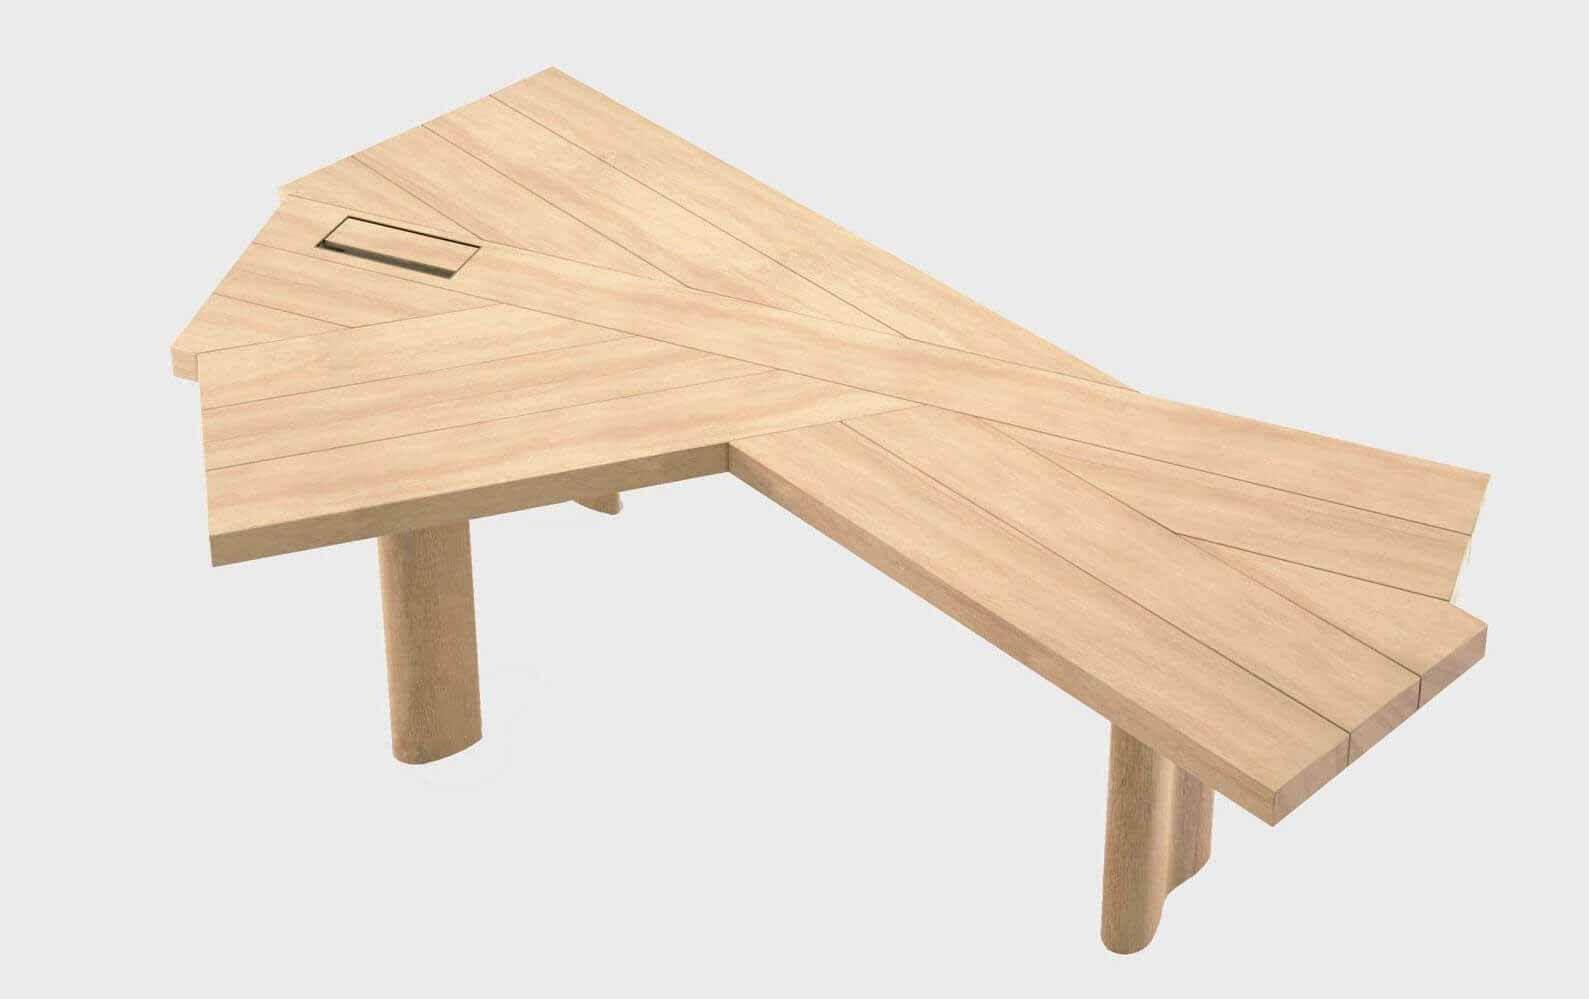 Стол Ventaglio от Шарлотты Перриан для итальянского мебельного бренда Cassina